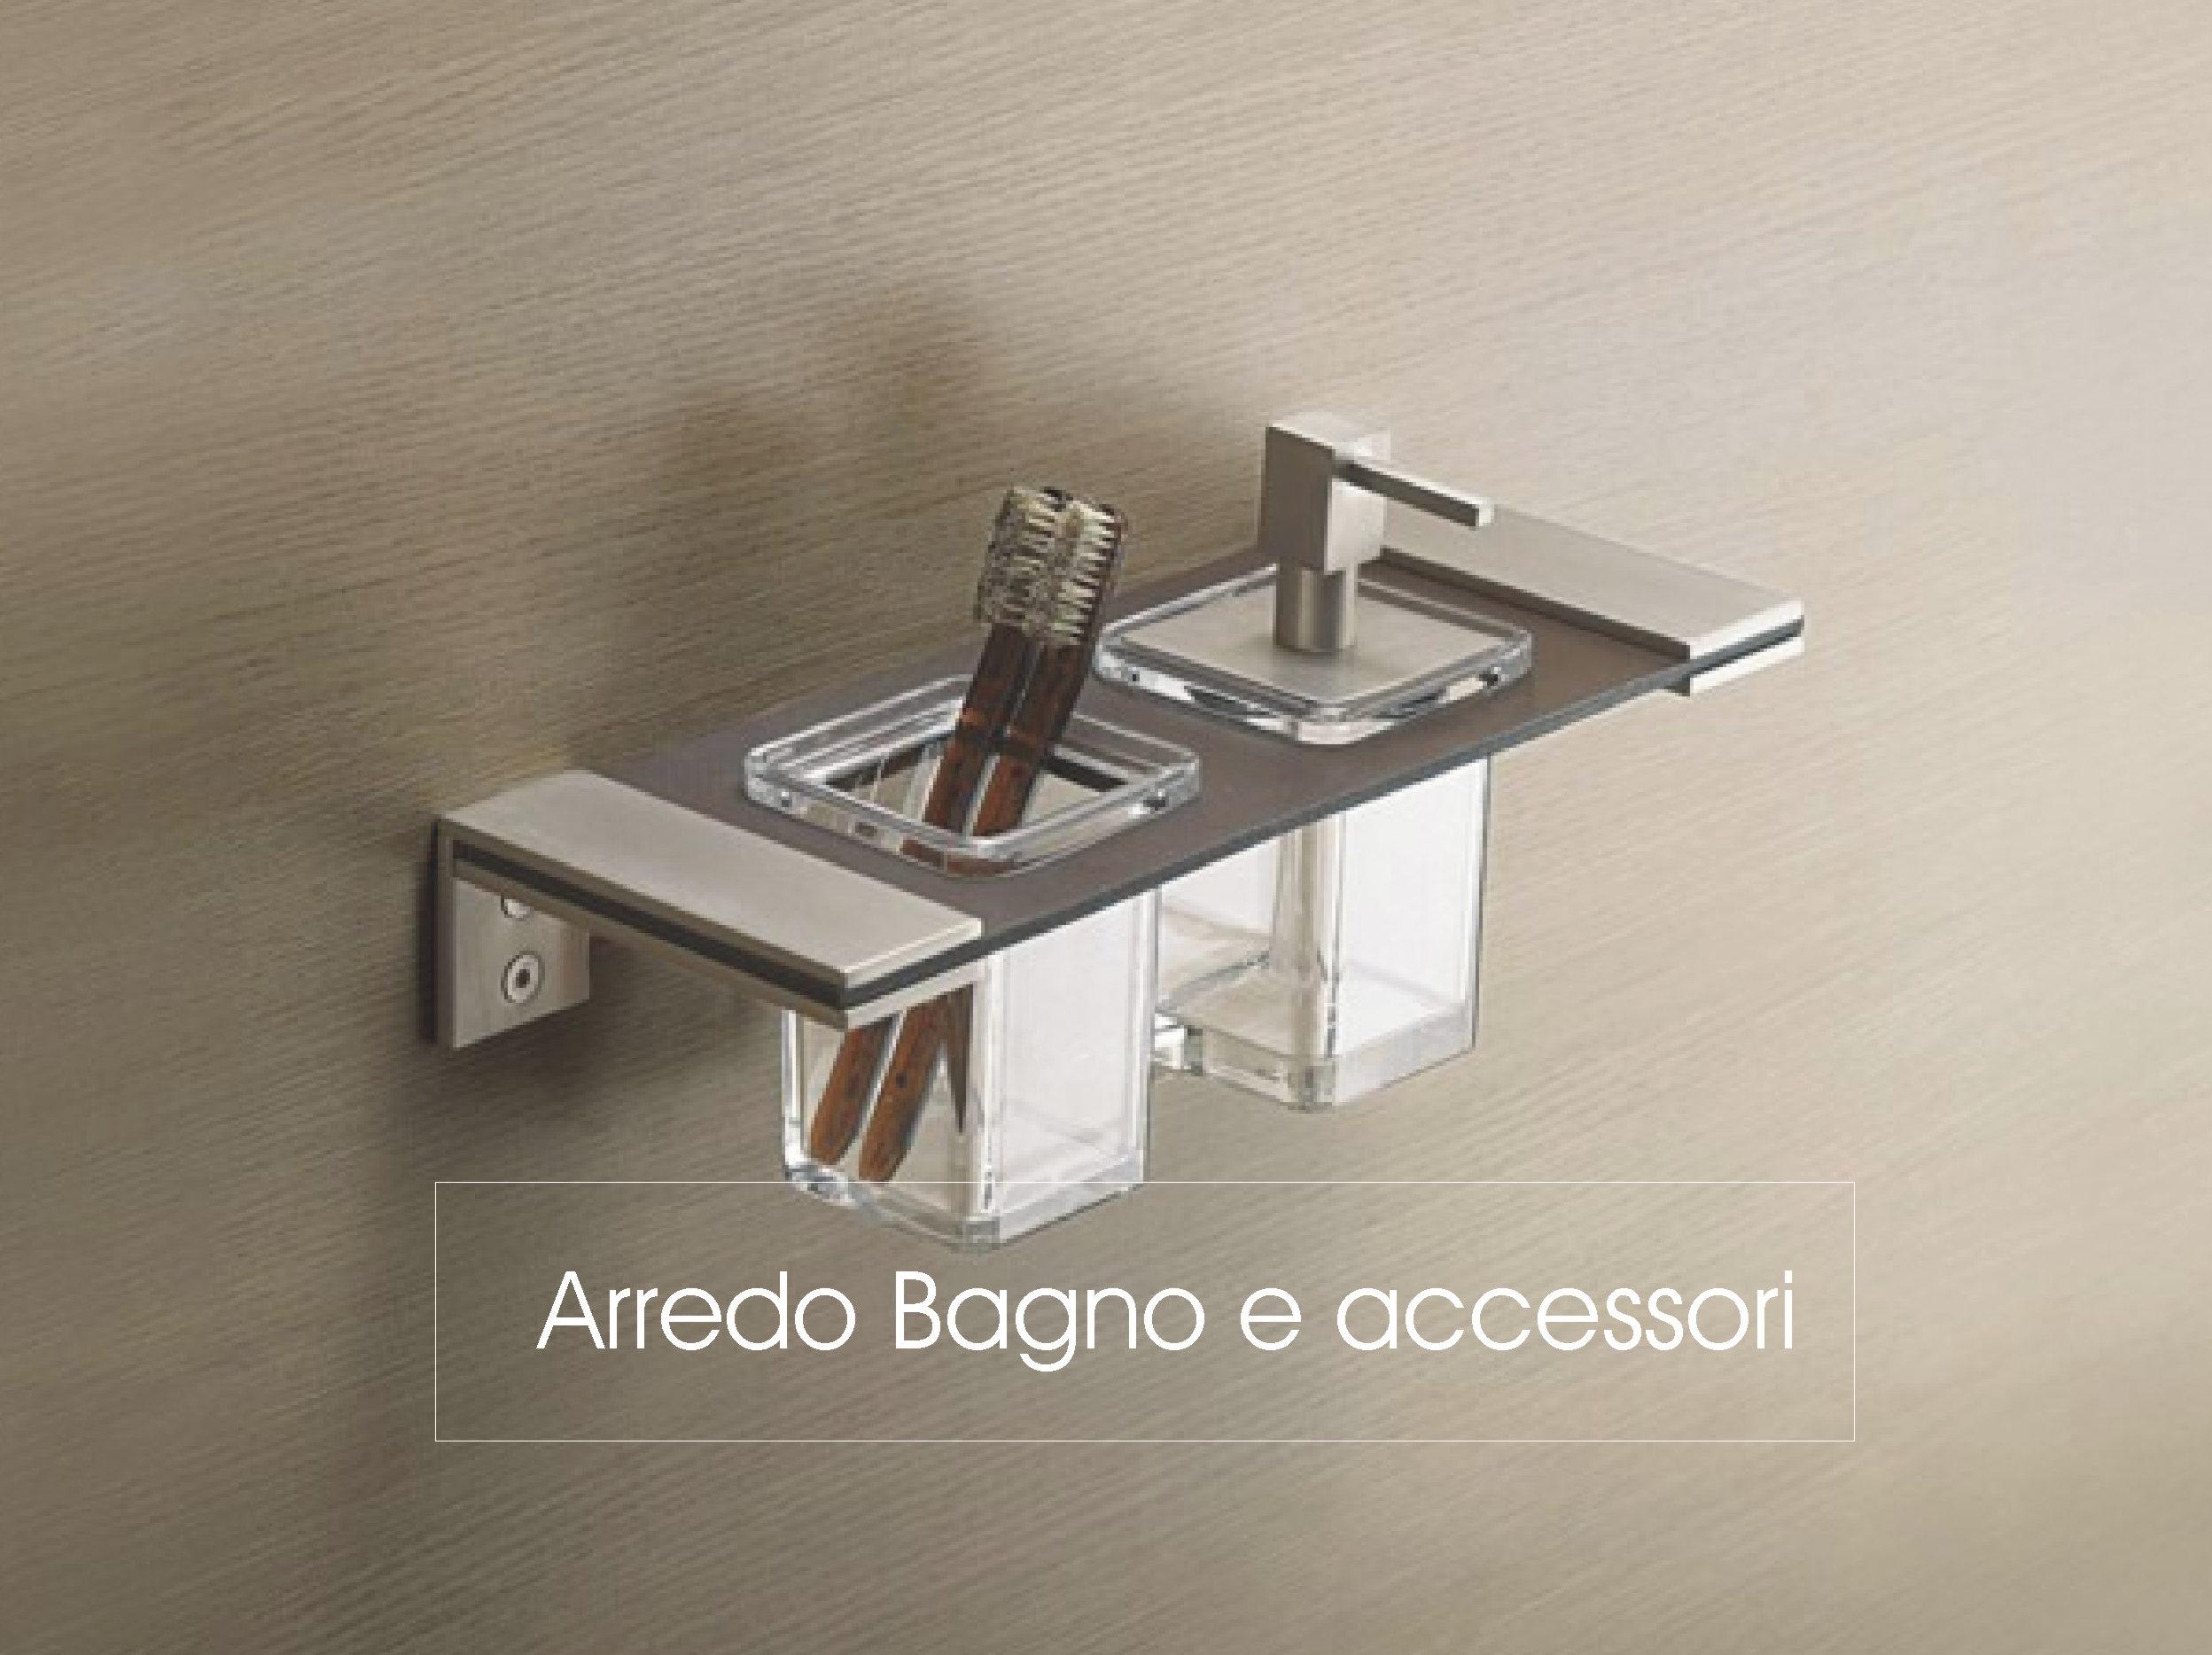 Arredo bagno e accessori centro arredo ceramiche arezzo for Arredo bagno piacenza e provincia